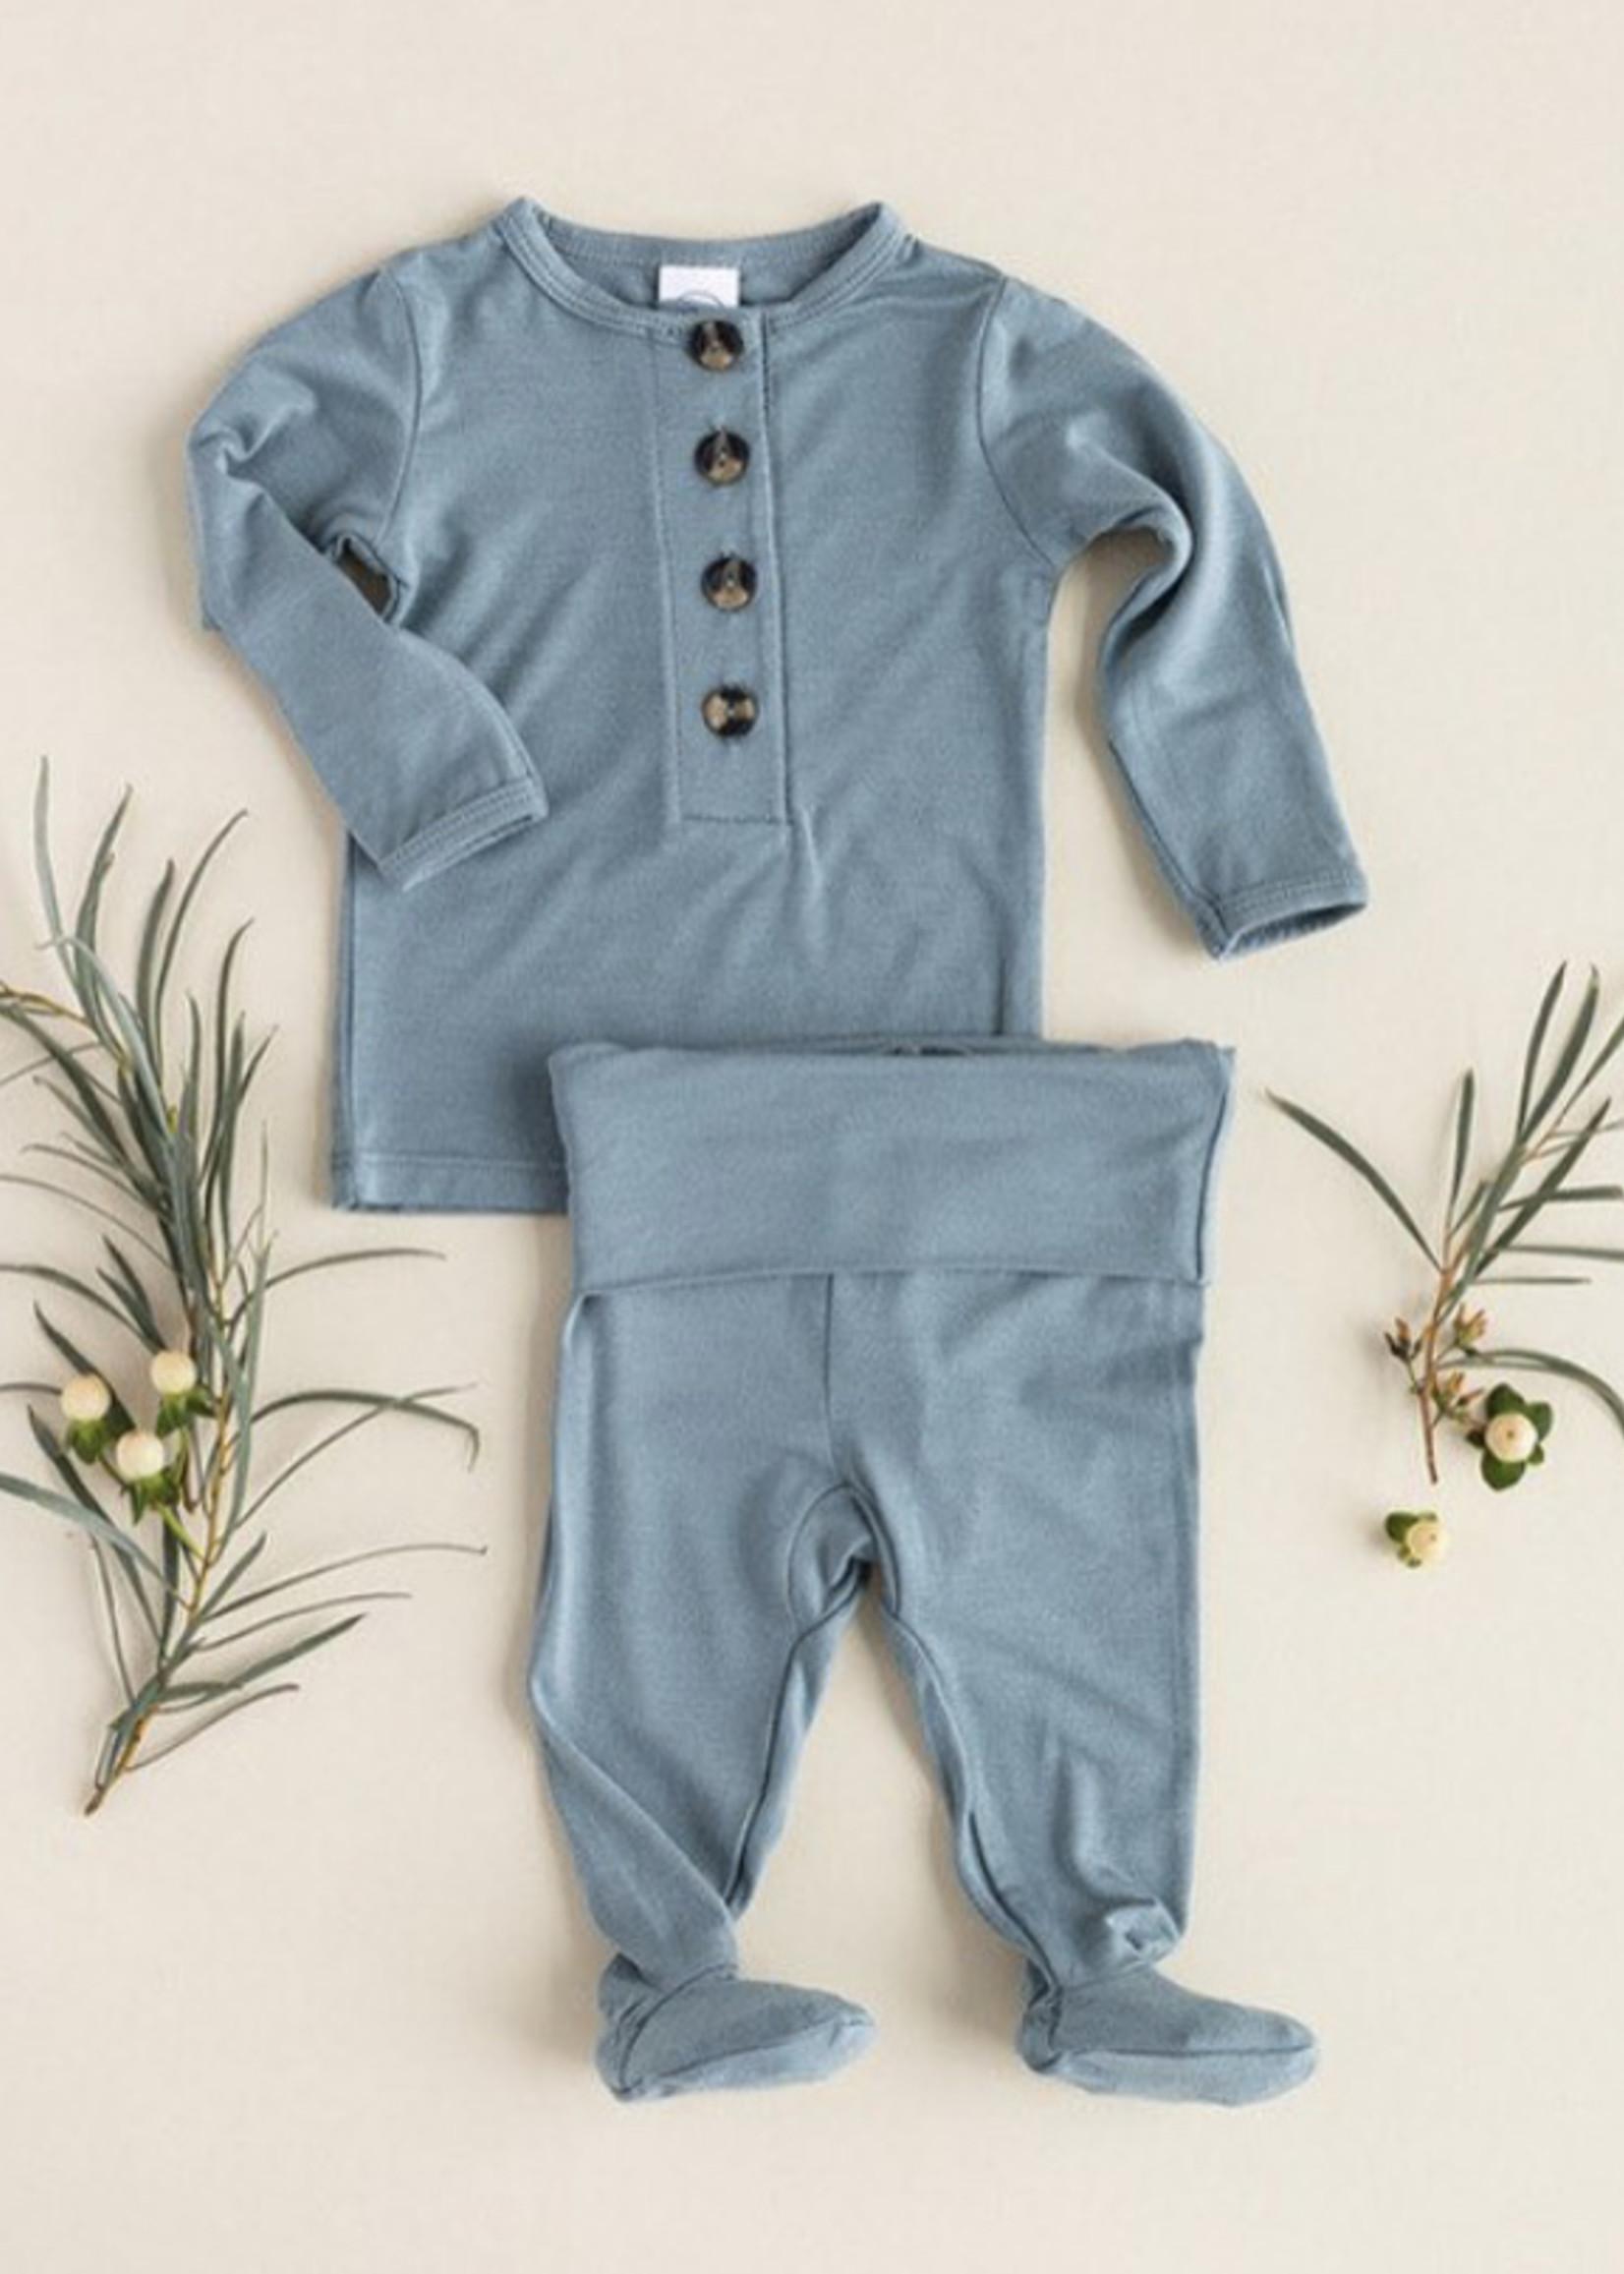 Elitaire Petite Leo Dusty Blue Set Newborn - 3 Month